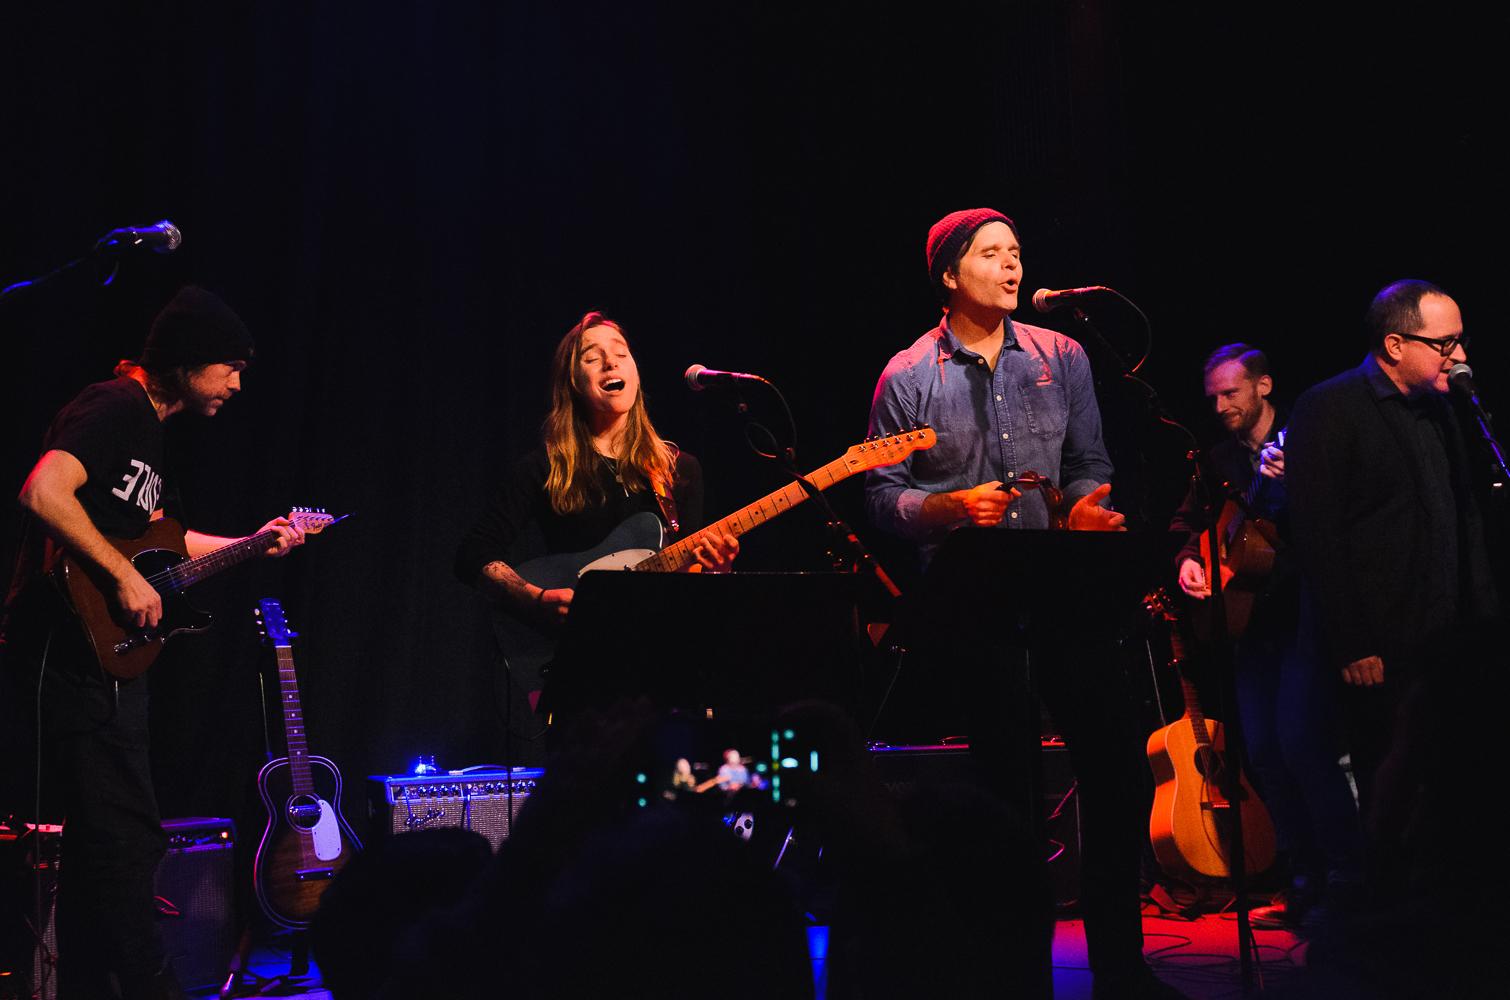 Tiny Changes- A Celebration of the Songs of Scott Hutchison Ben Kaye Julien Baker Ben Gibbard Craig Finn Kevin Devine Aaron Dessner